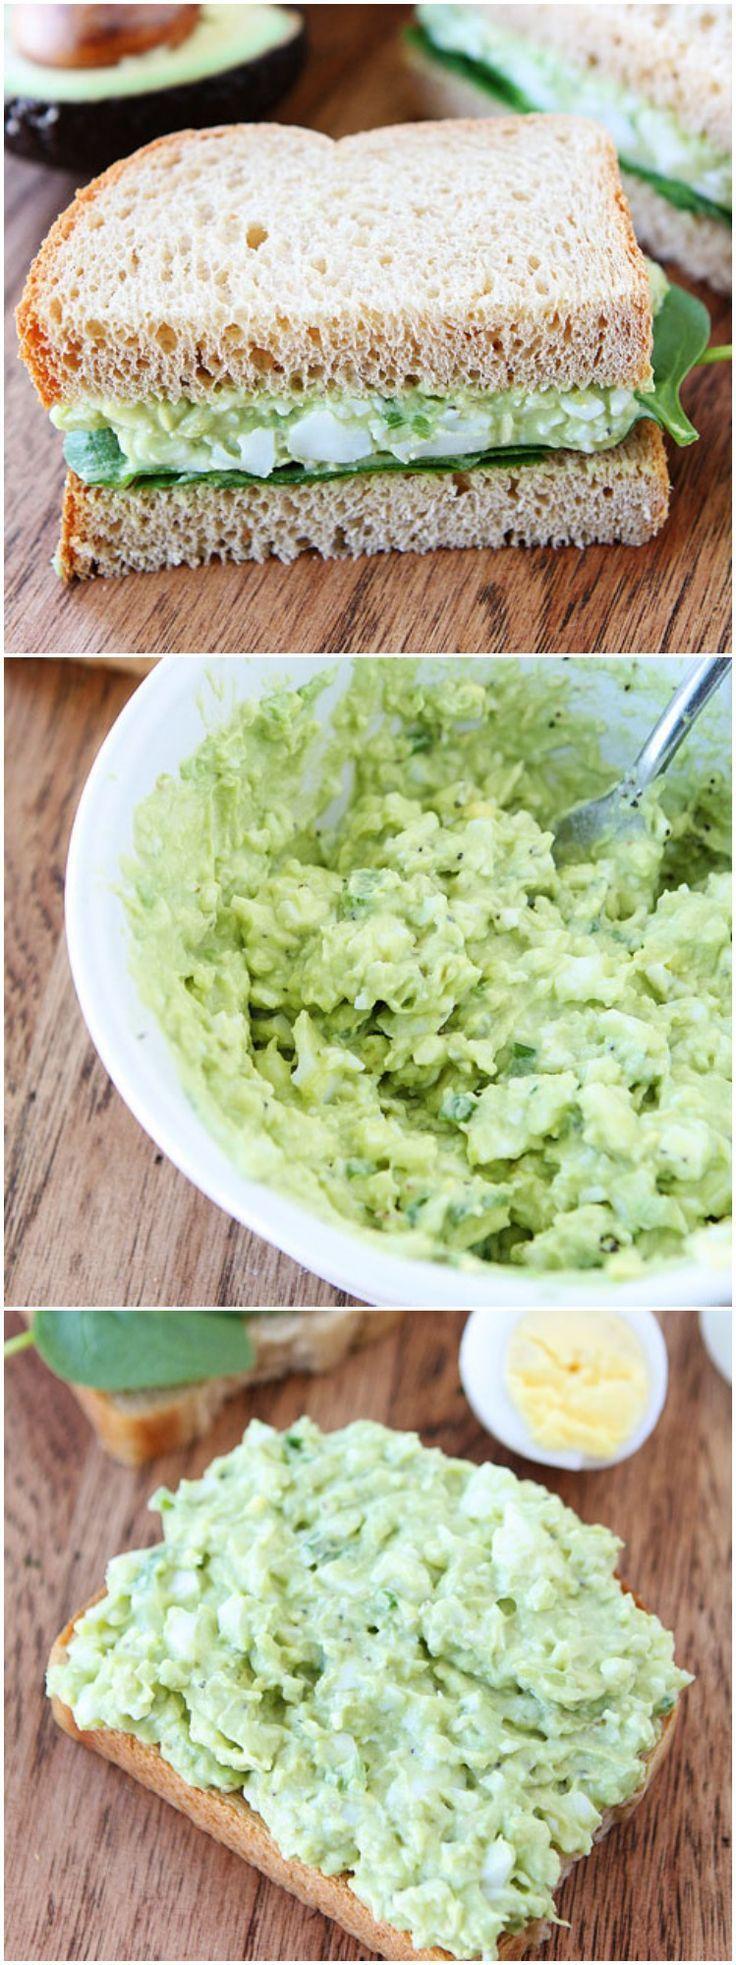 Avocado Egg Salad Recipe on twopeasandtheirpod.com My all-time favorite egg salad recipe!